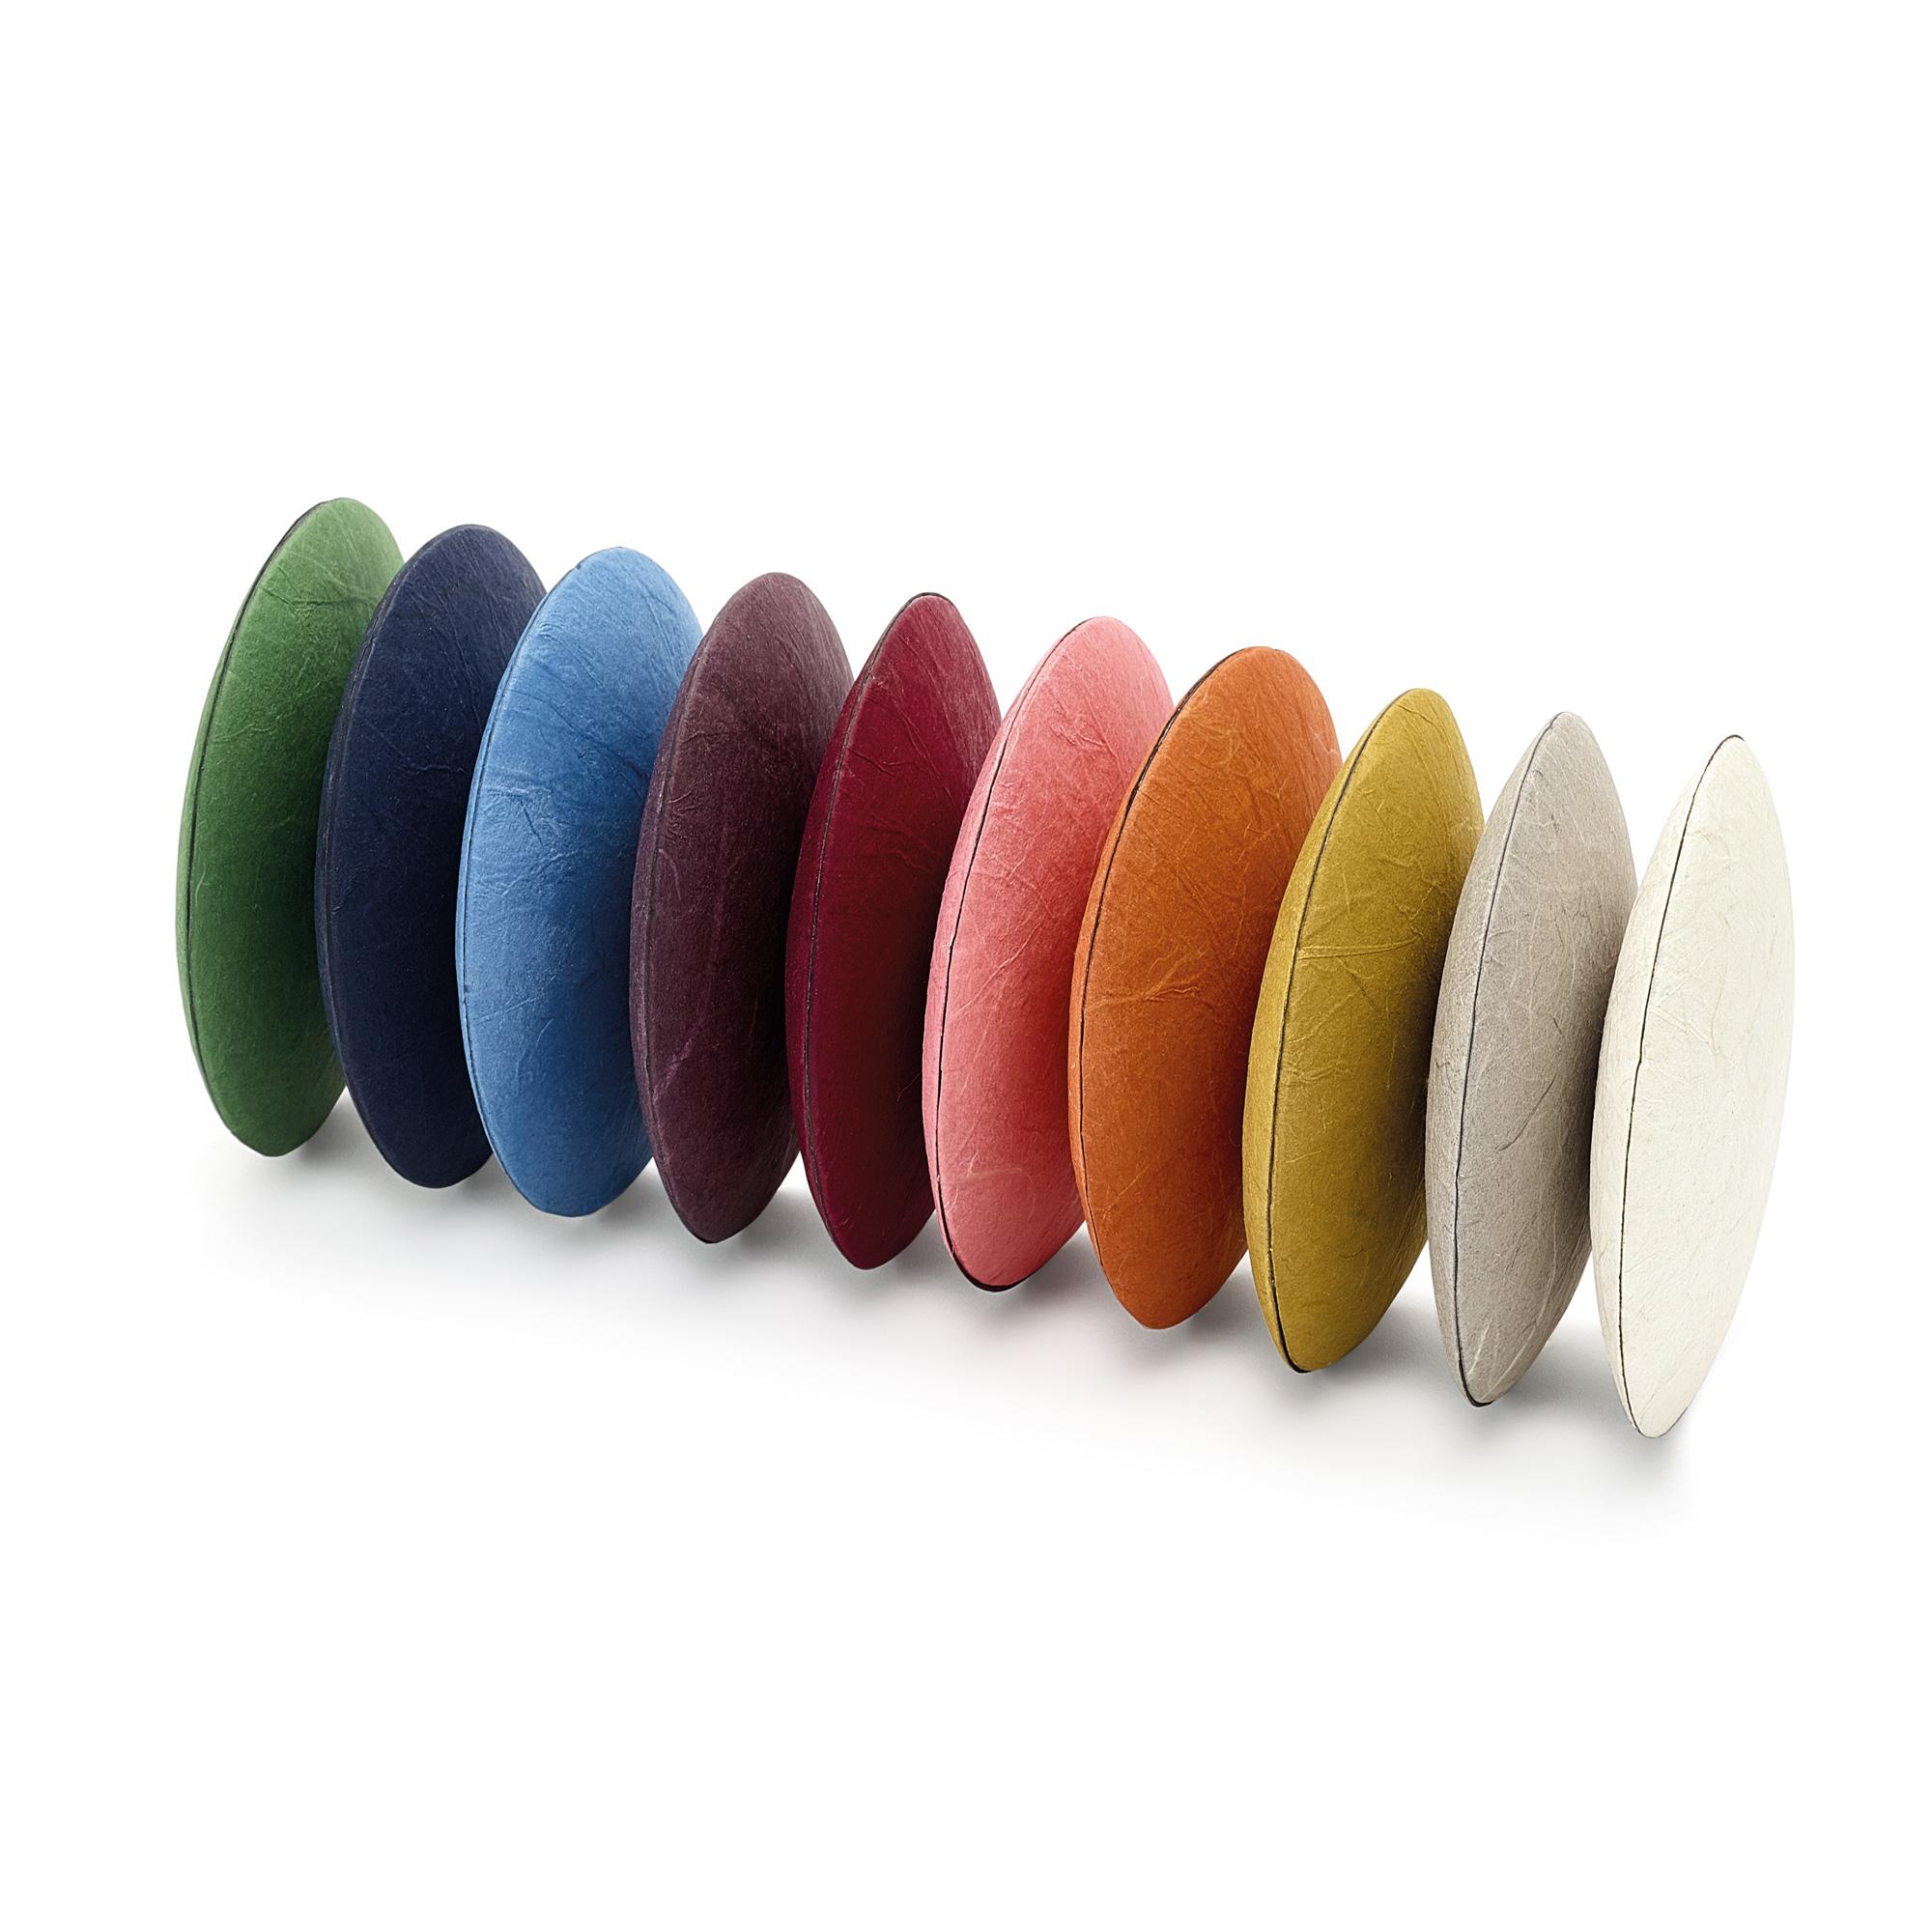 SMARTY groß farblich sortiert Variante 2